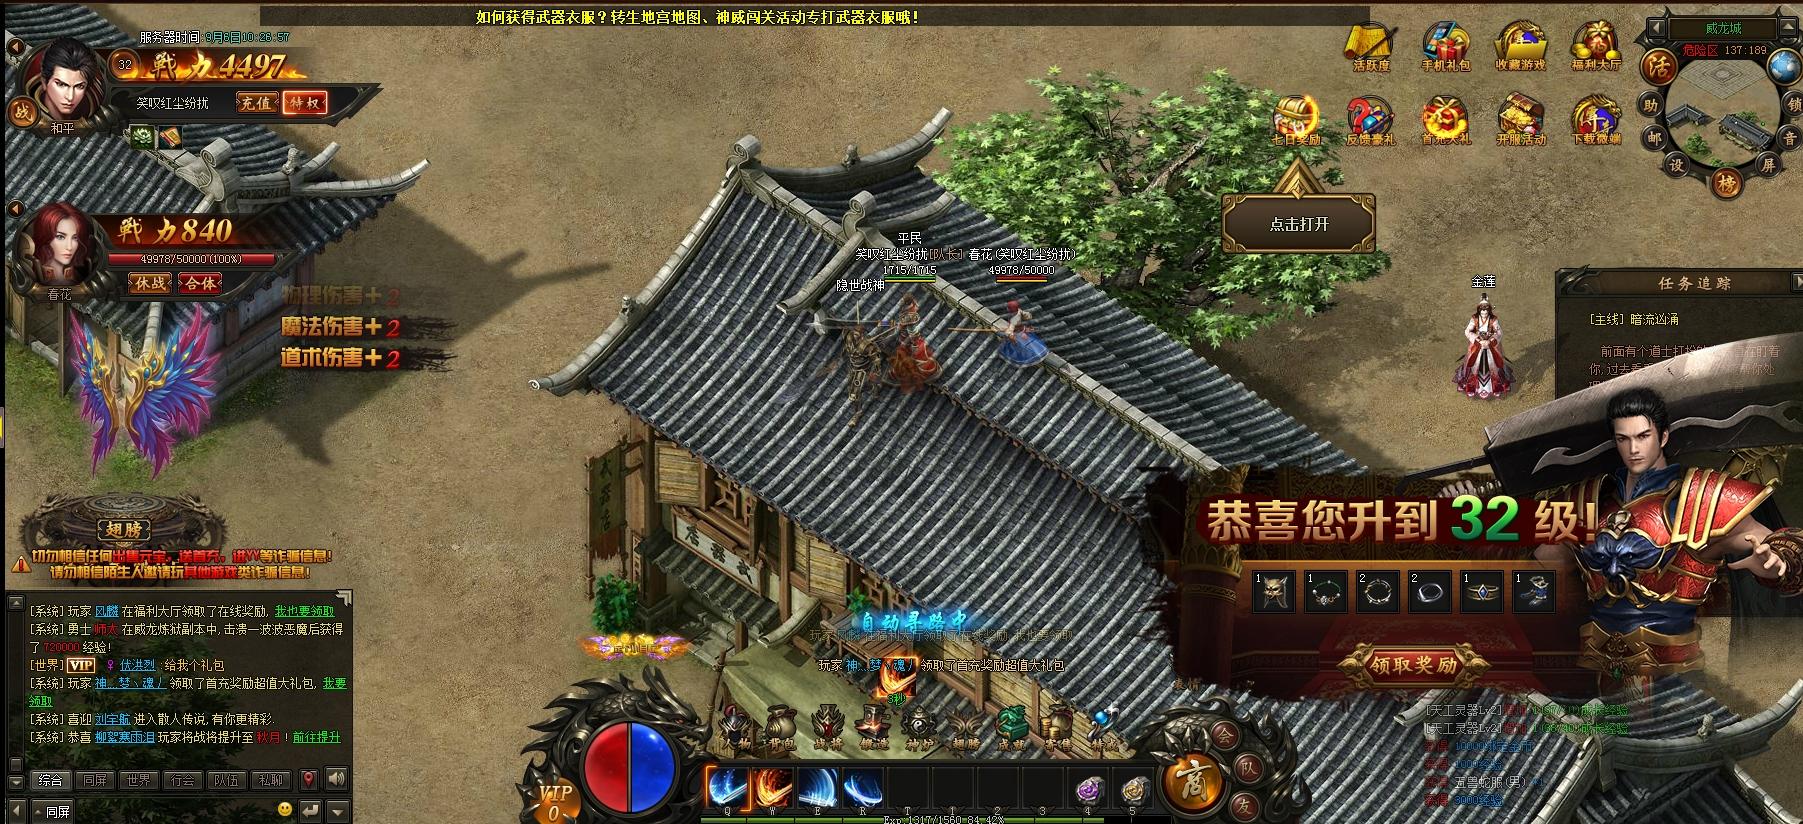 《散人传说》游戏截图